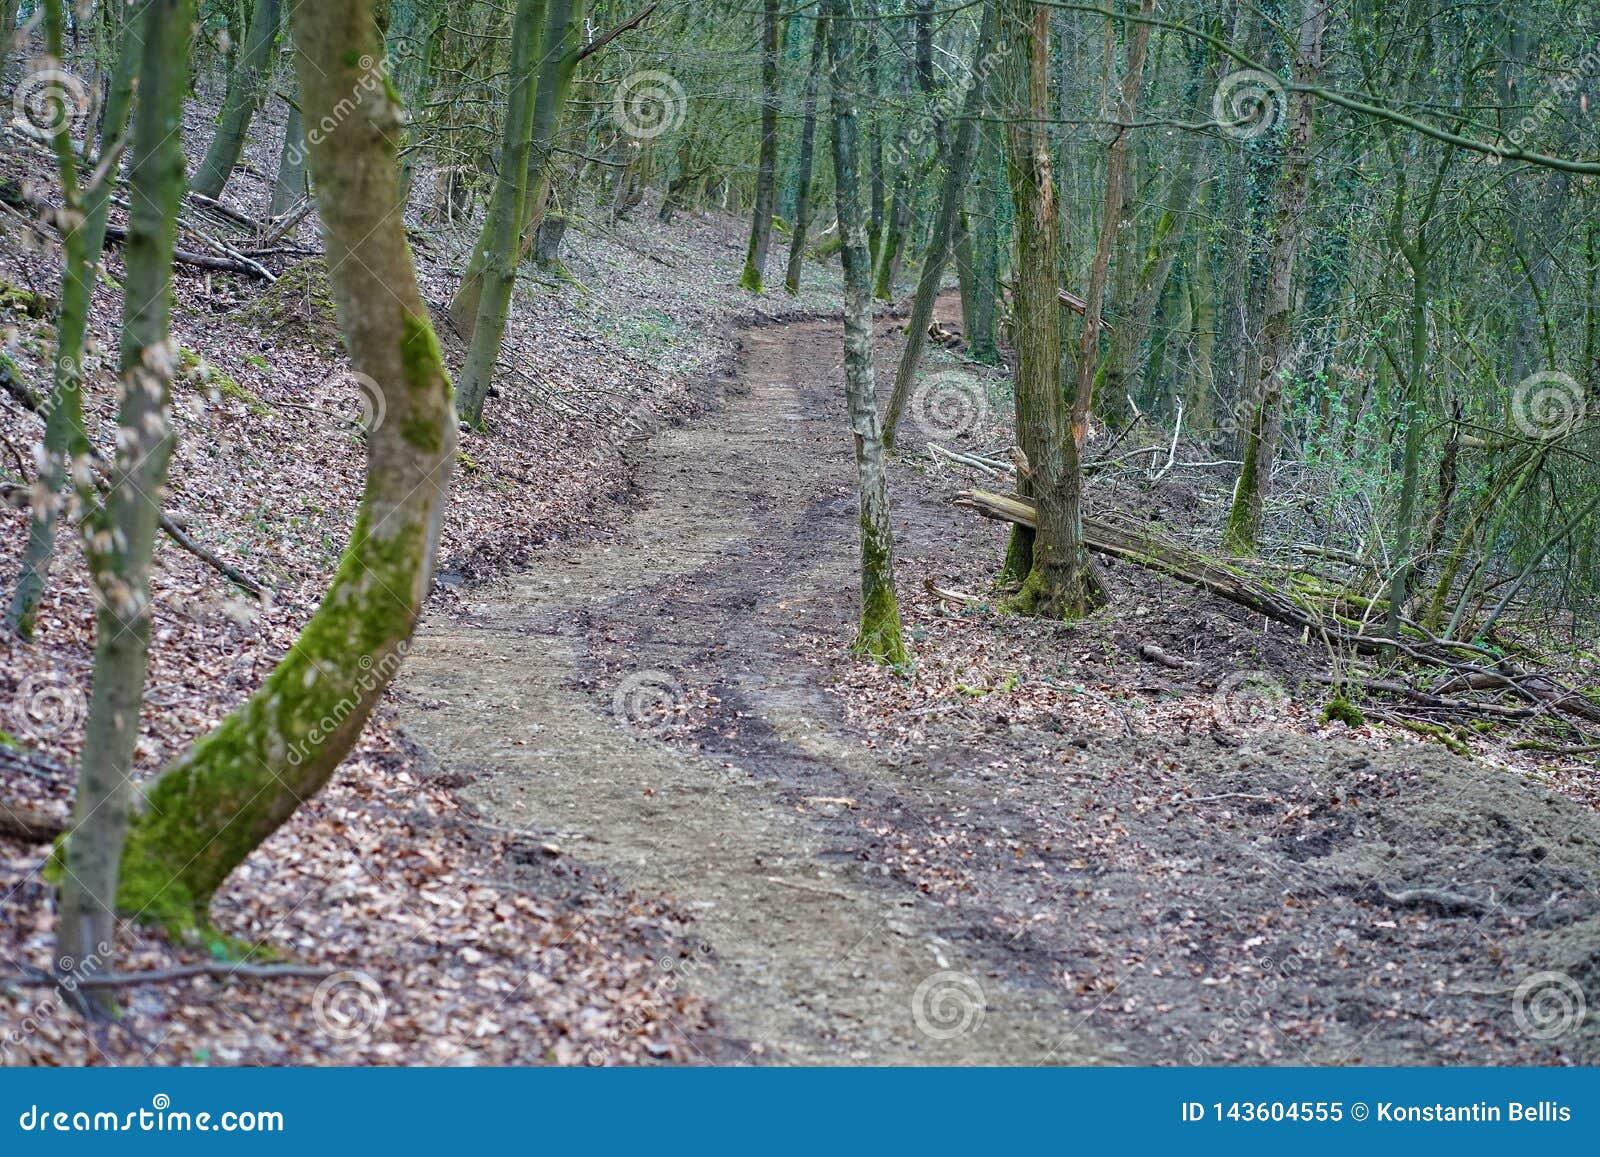 Trayectoria de bosque en Alemania